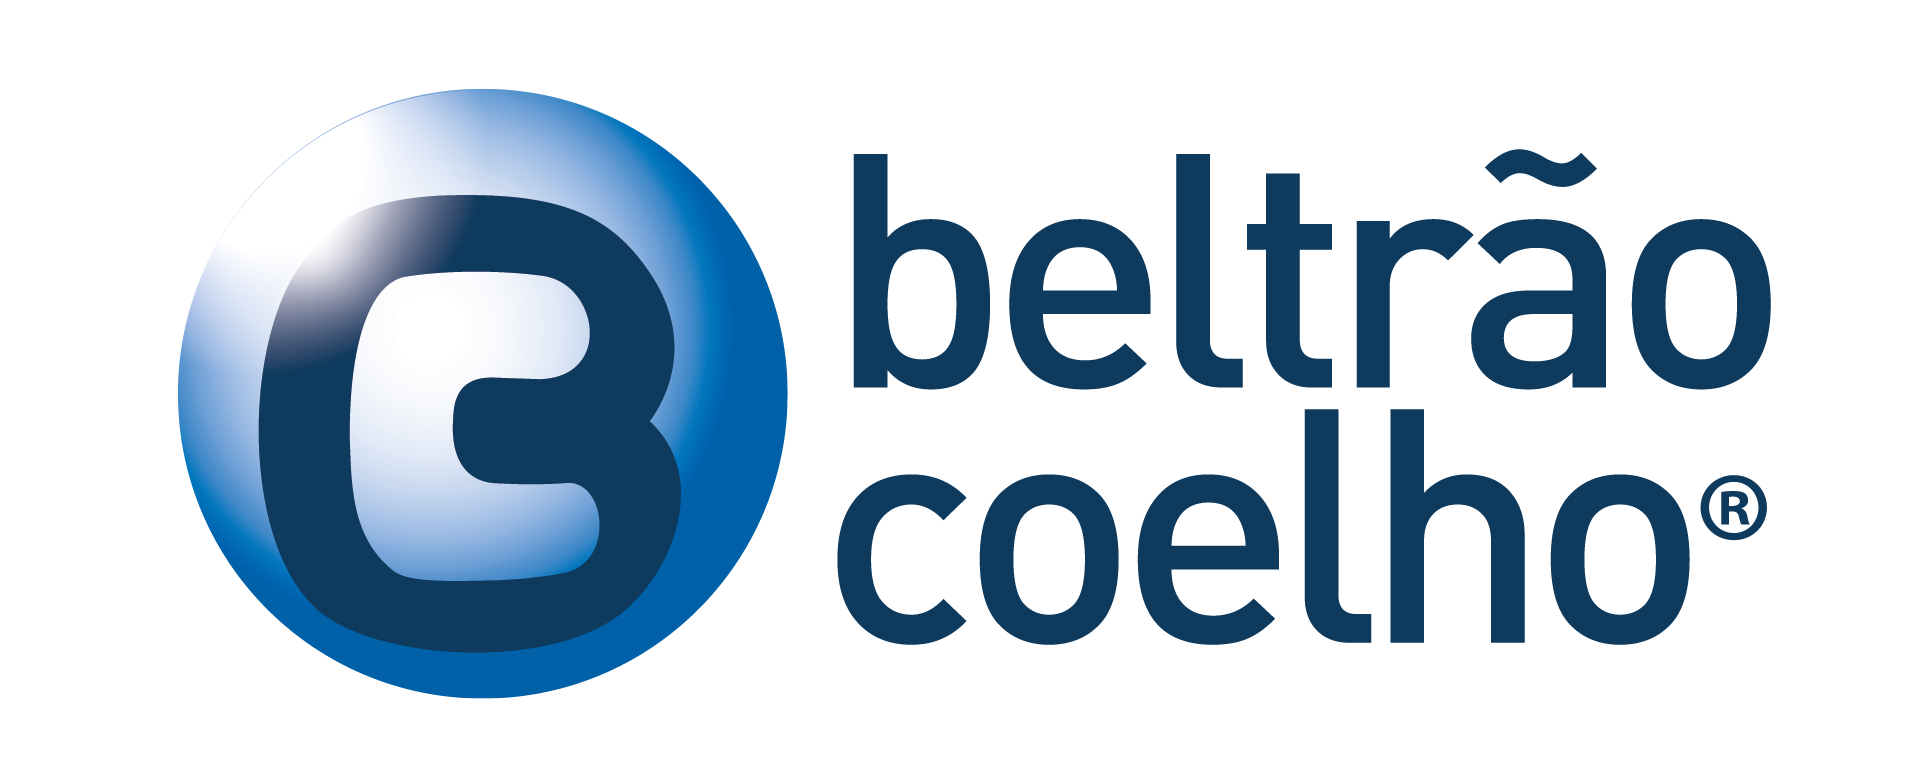 bc_logo-01